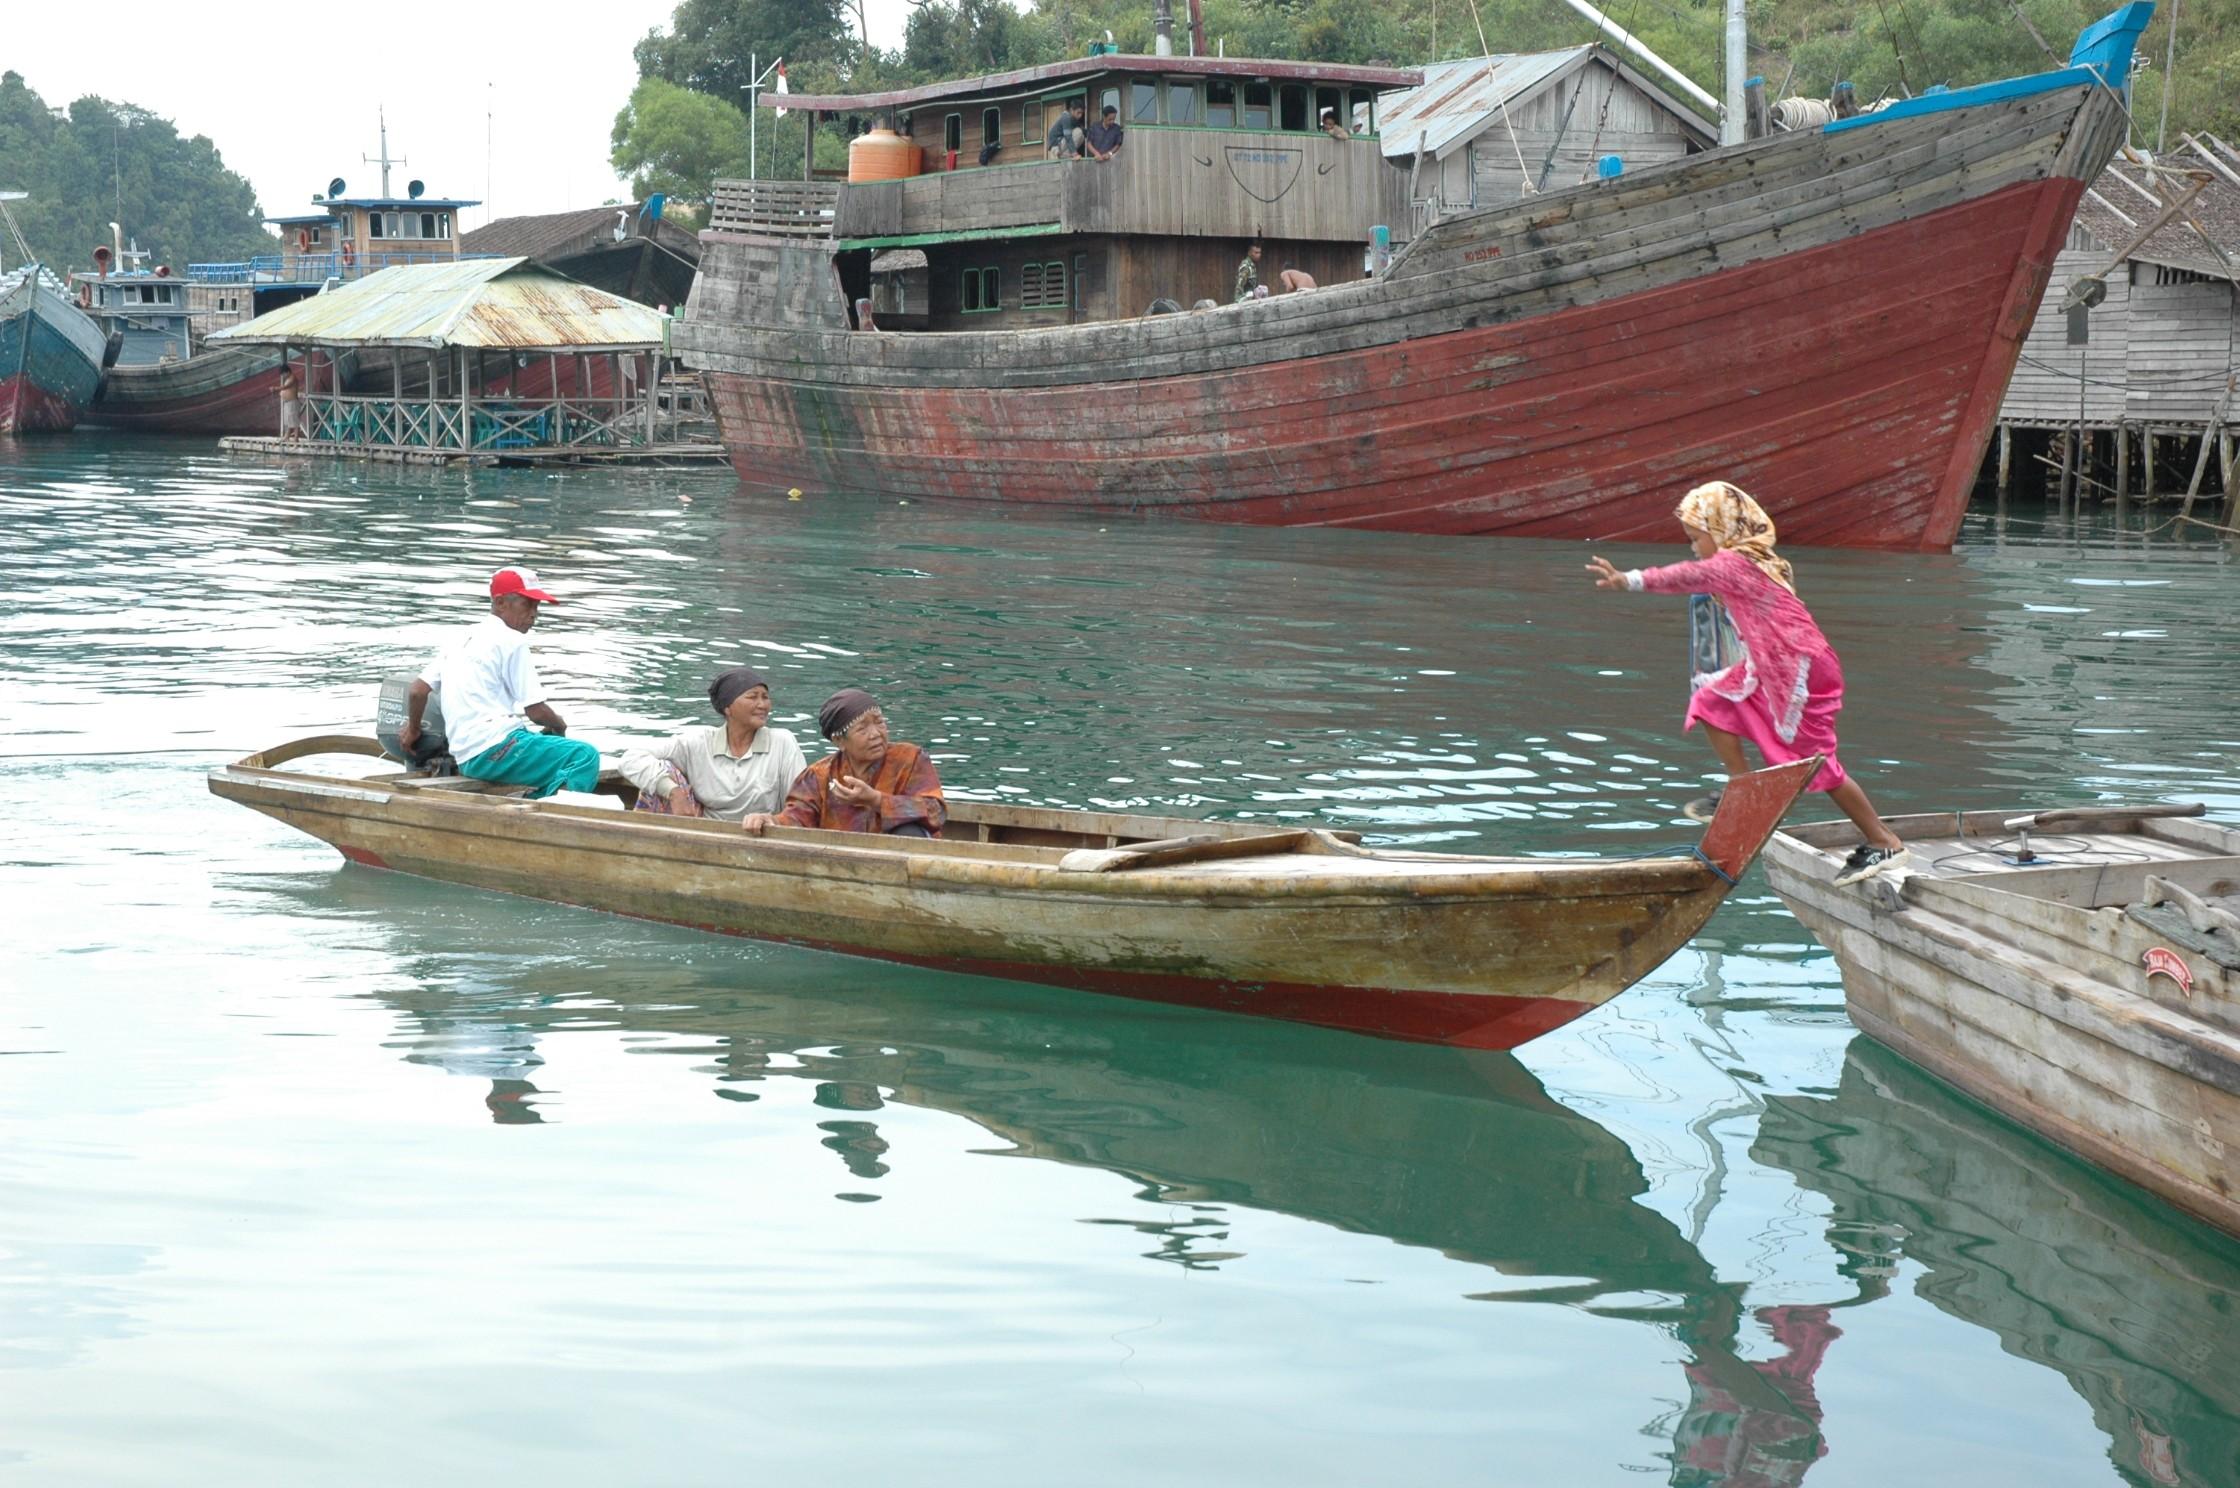 Sman 1 Batam Sekolah Yos Sudarso Batam Wikipedia Bahasa Indonesia Kegigihan Siswa Siswa Di Kawasan Pesisir Hinterland Batam